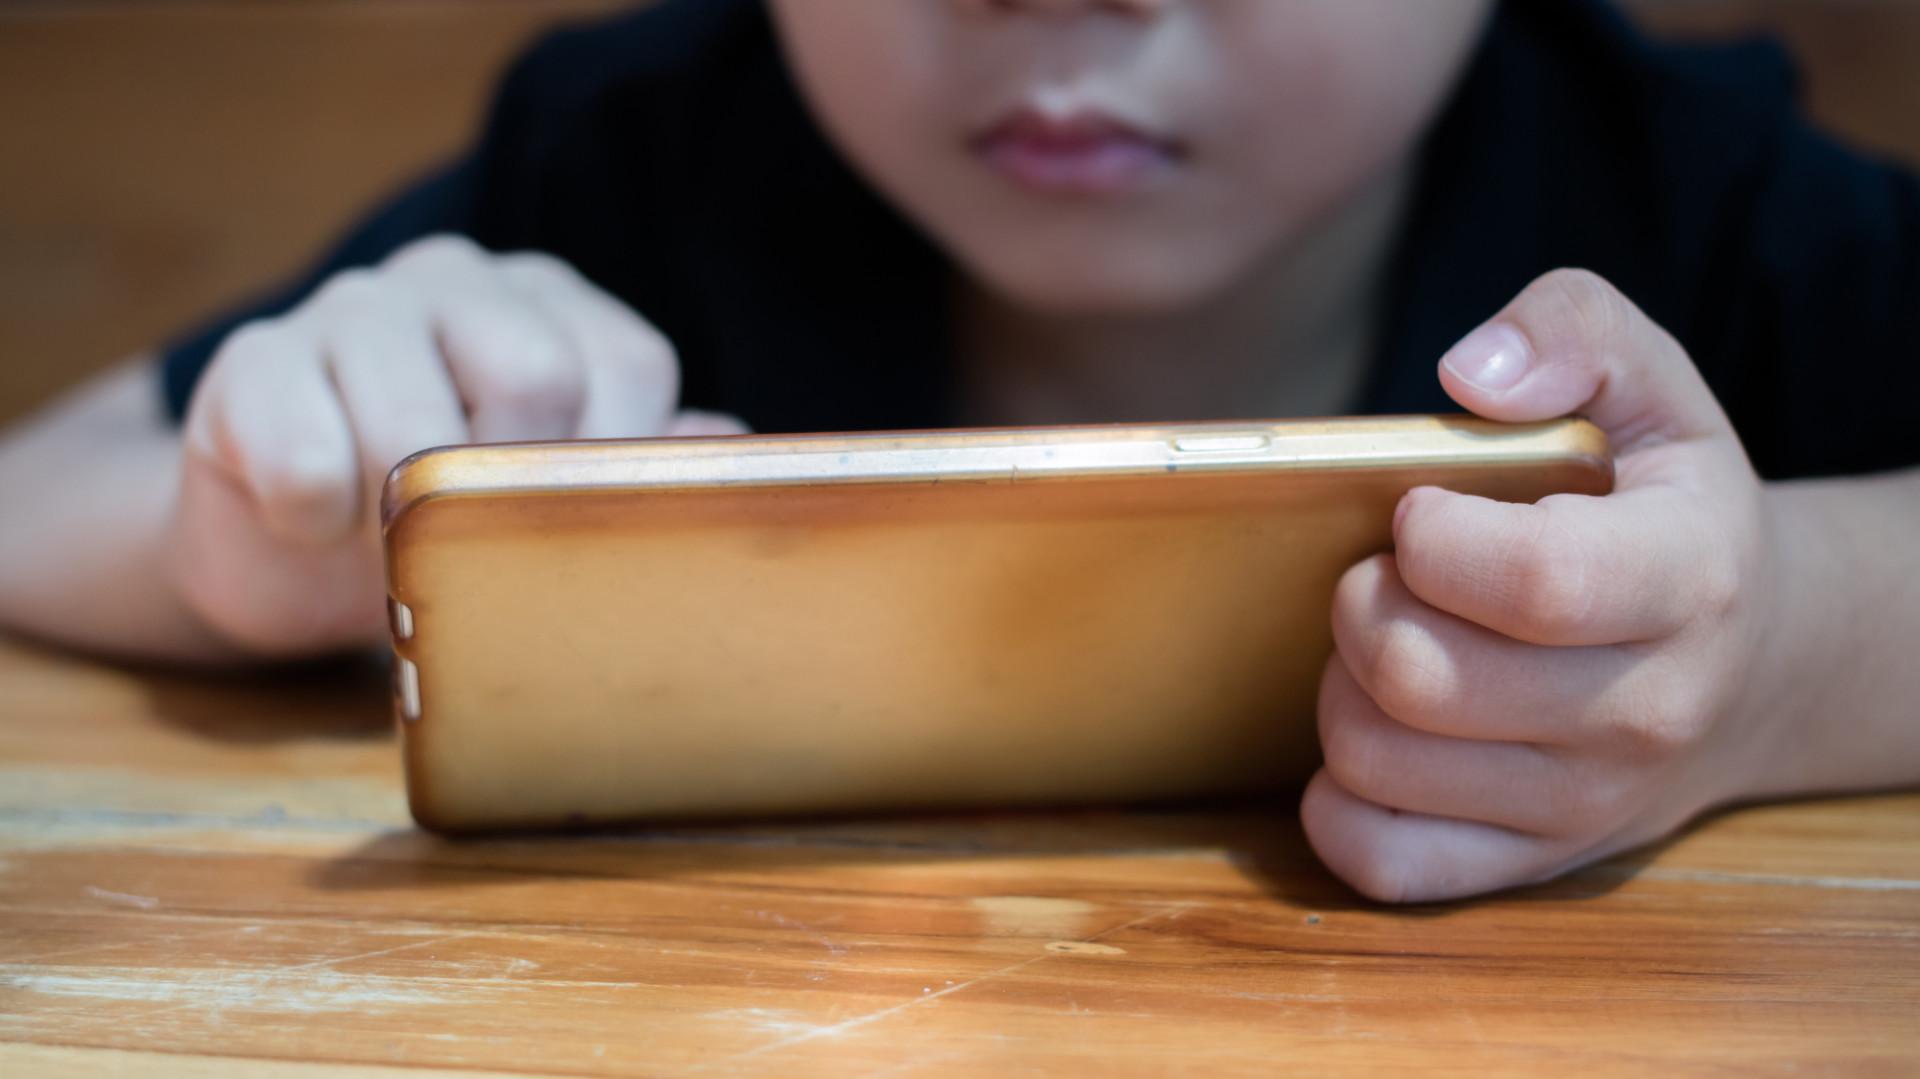 #ErstDenkenDannPosten: mehr Vorsicht bei Kinderbildern im Internet